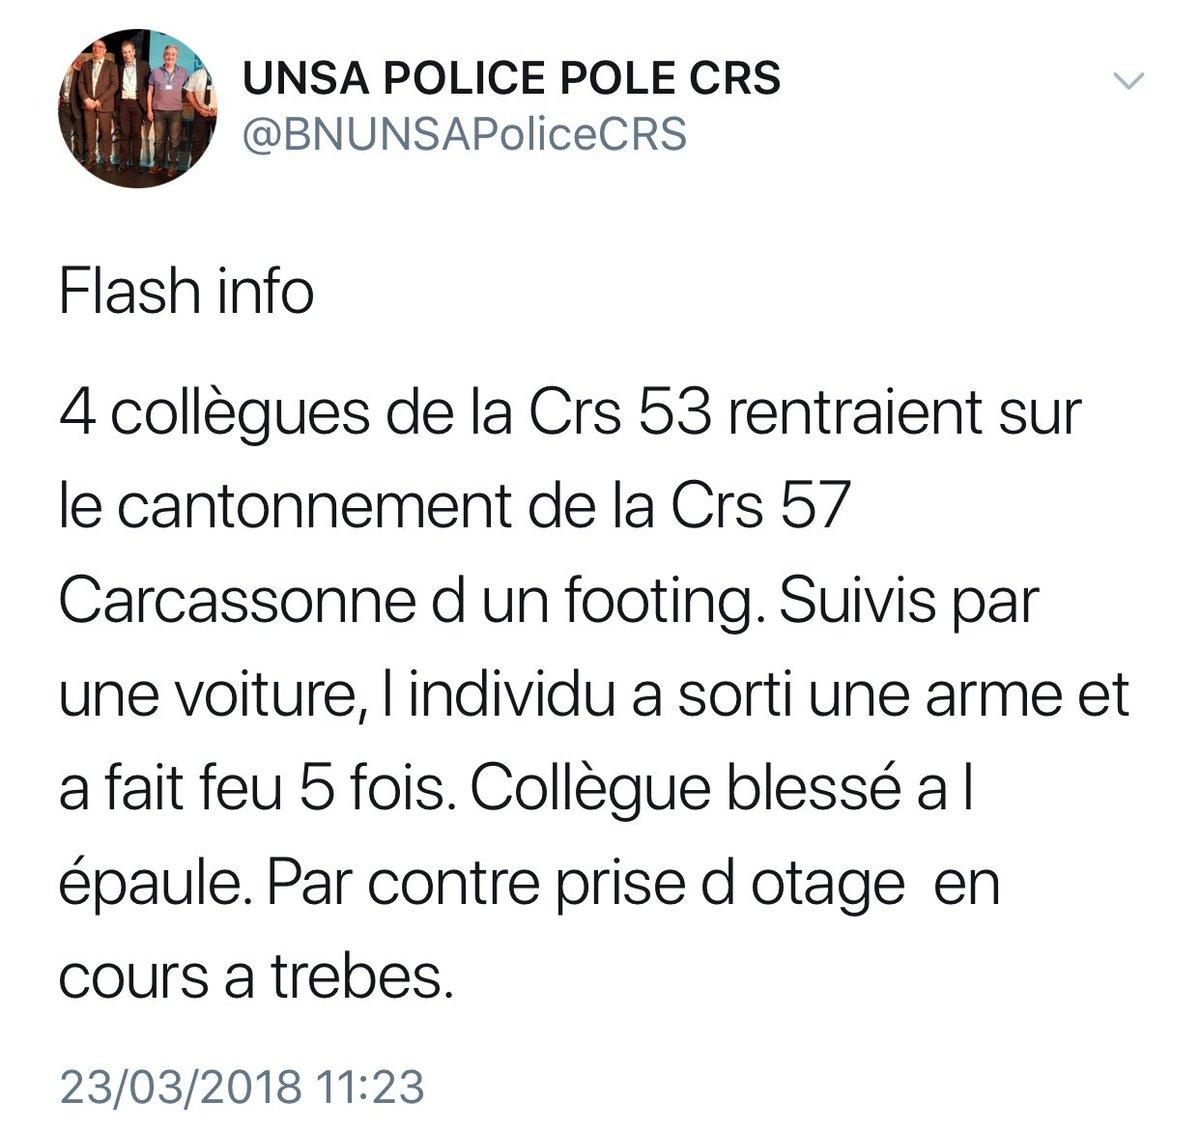 FLASH- Dans le même temps, un syndicat de police annonce une attaque par un individu armé sur des CRS